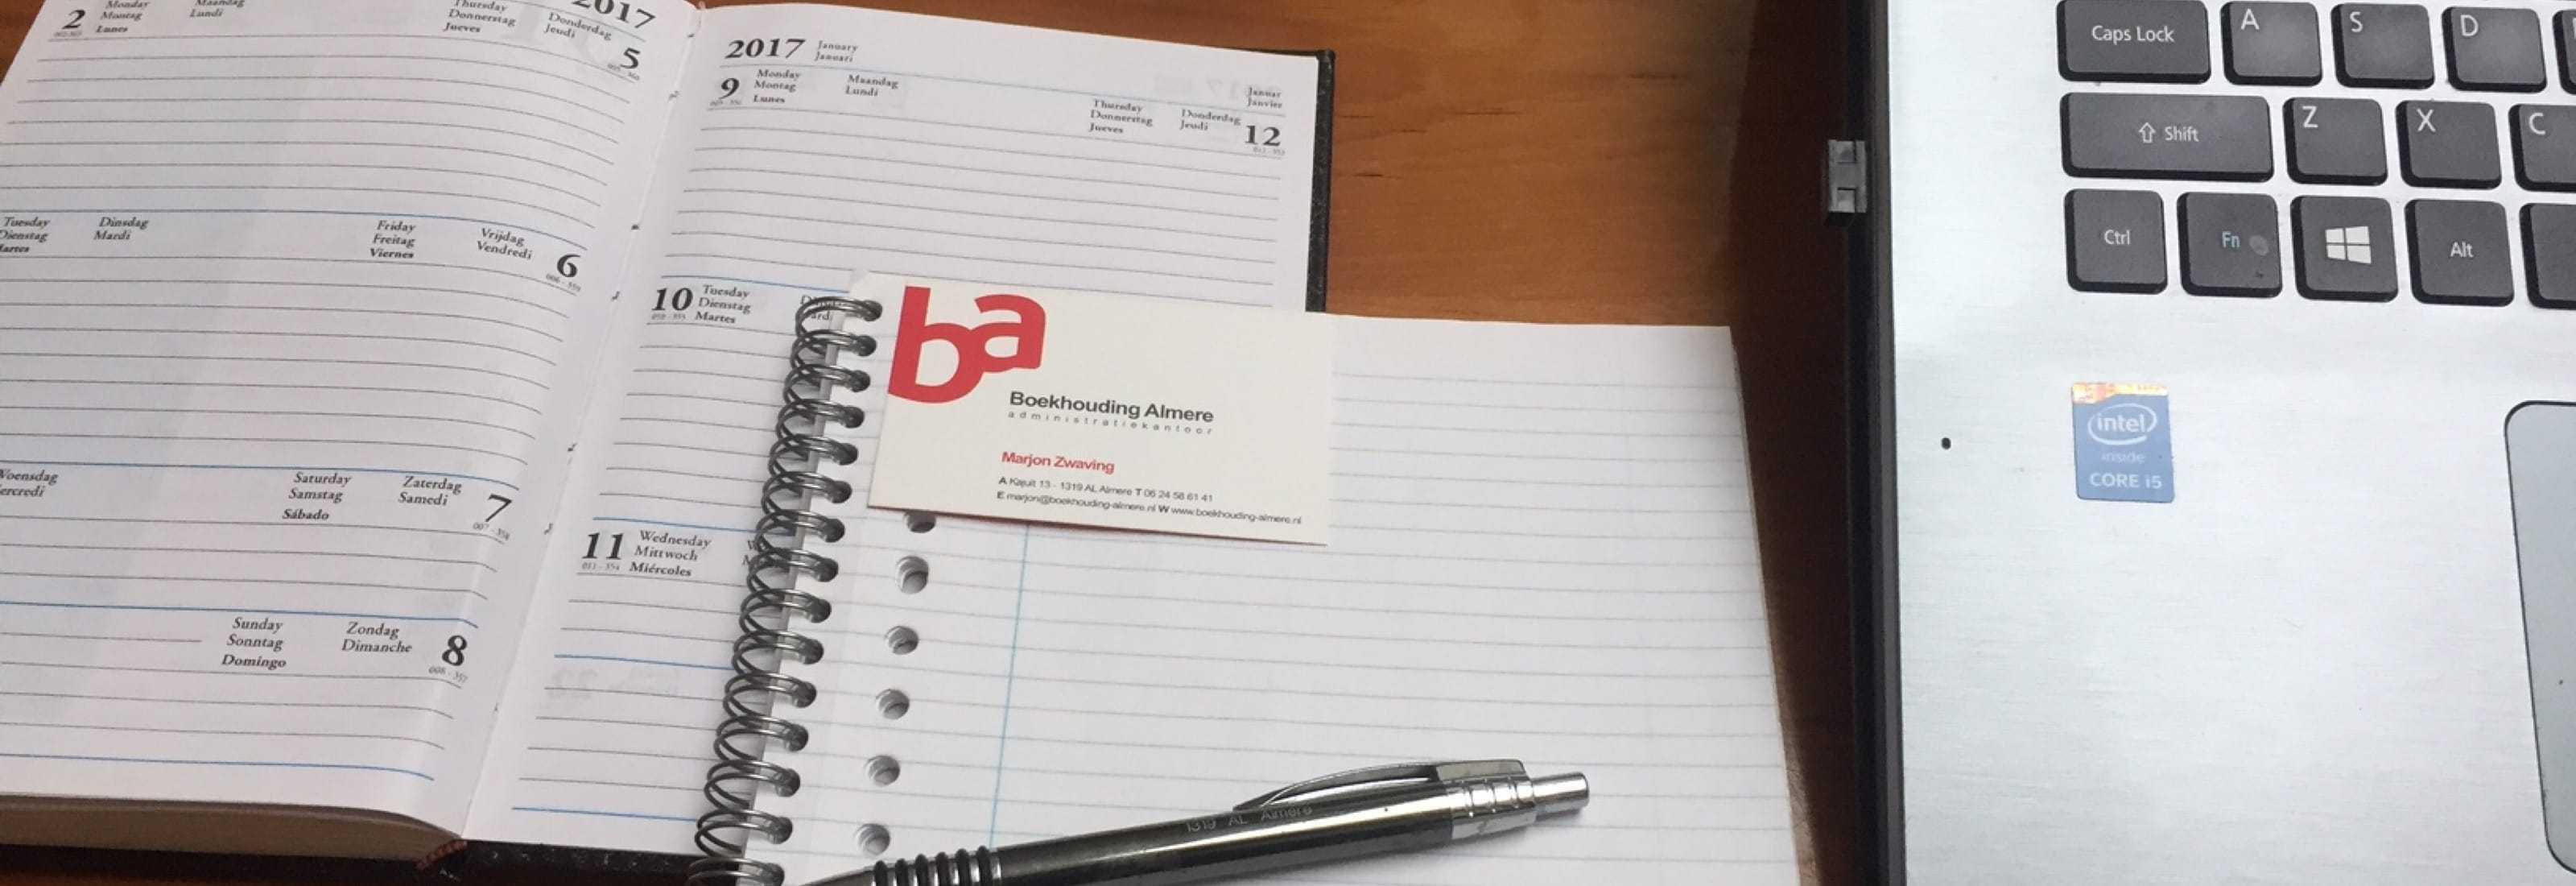 Boekhouding Almere - Administratiekantoor in Almere